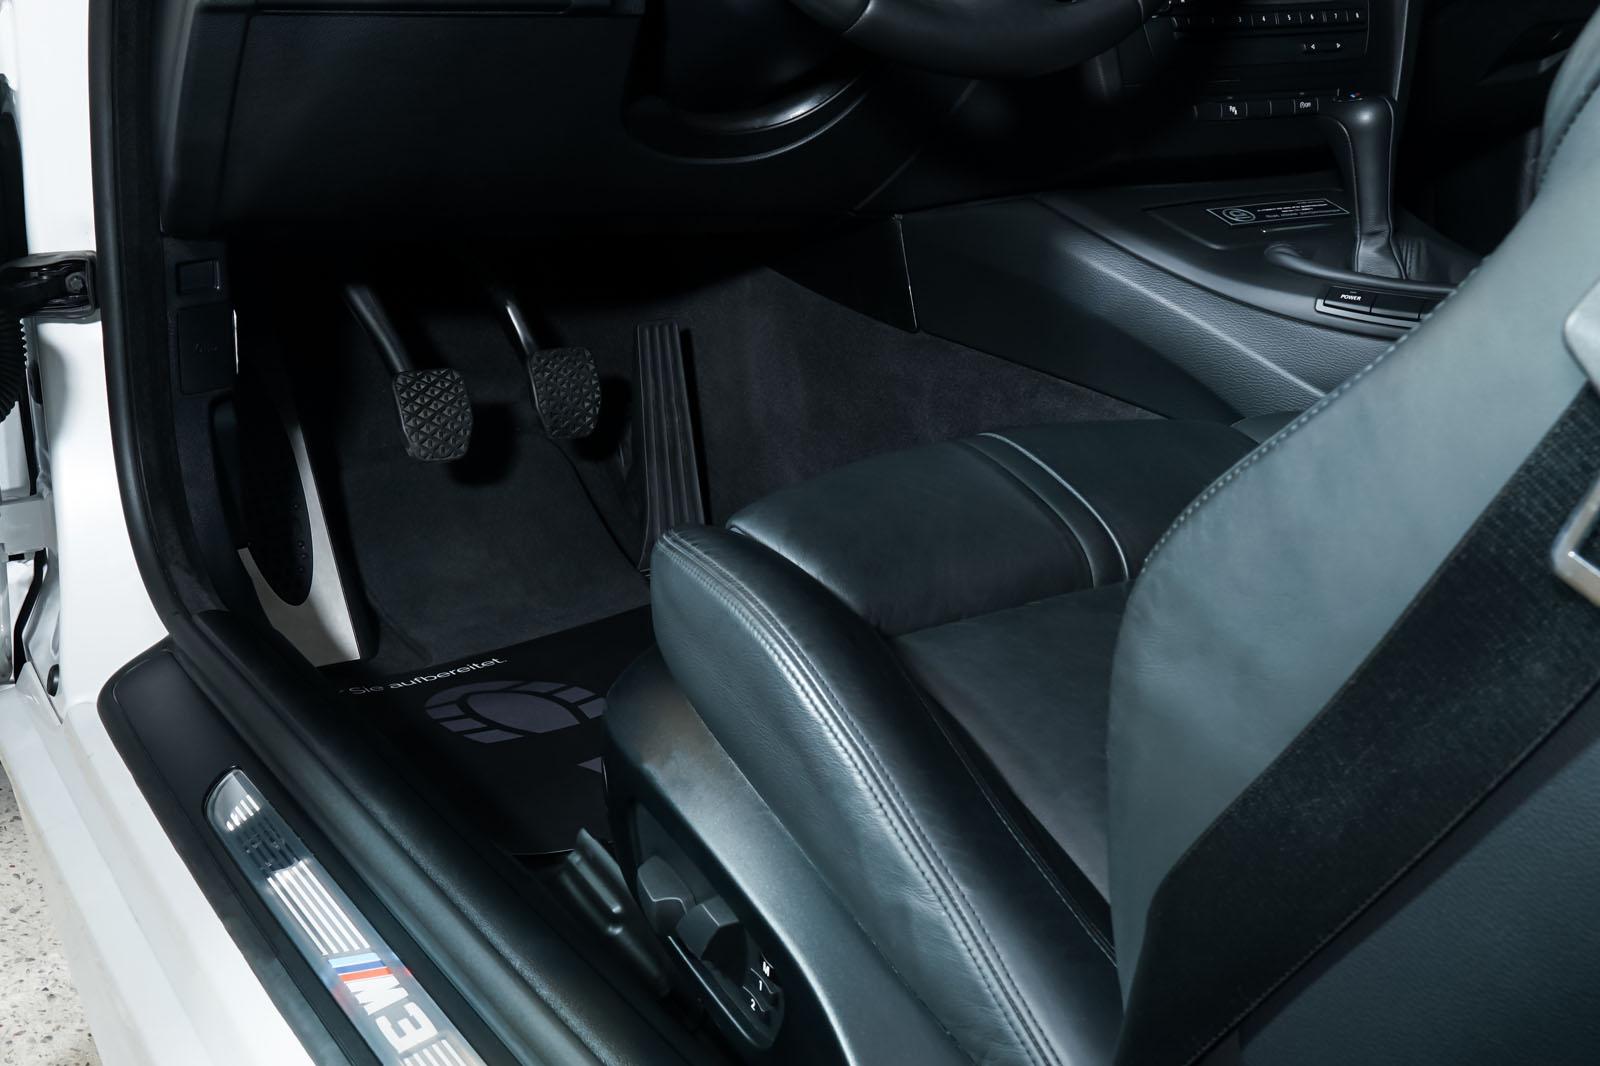 BMW_M3_Cabrio_Weiß_Schwarz_BMW-5973_9_w